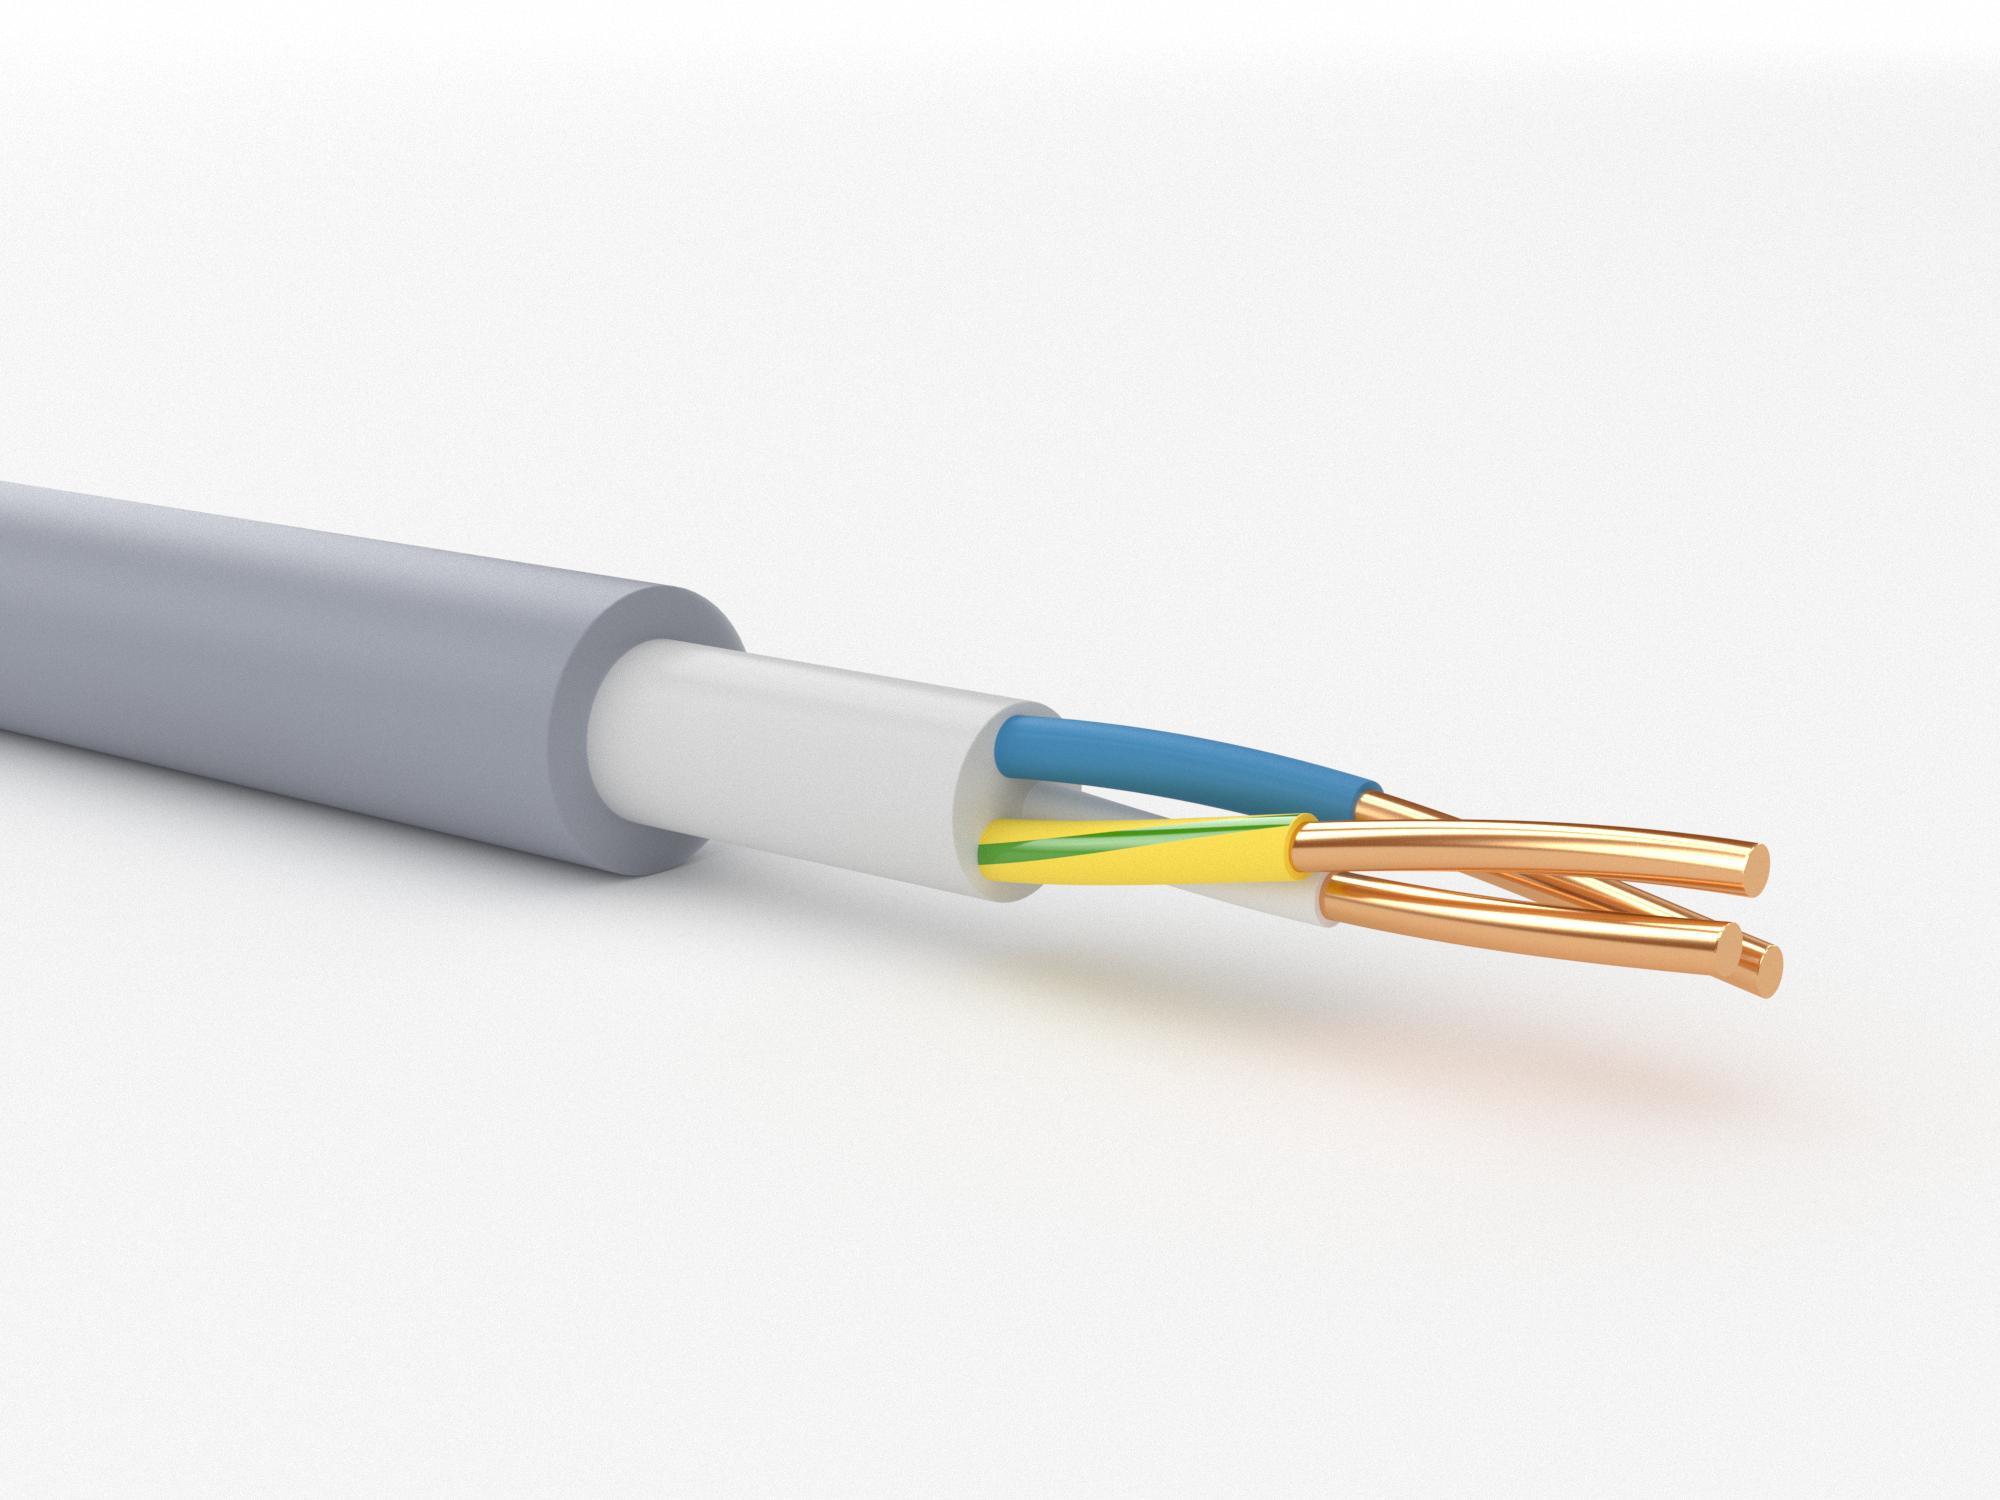 Кабель ПАРТНЕР-ЭЛЕКТРО Nym 3х4 ГОСТ (10м) кабель партнер электро nym 2х1 5 гост 100м